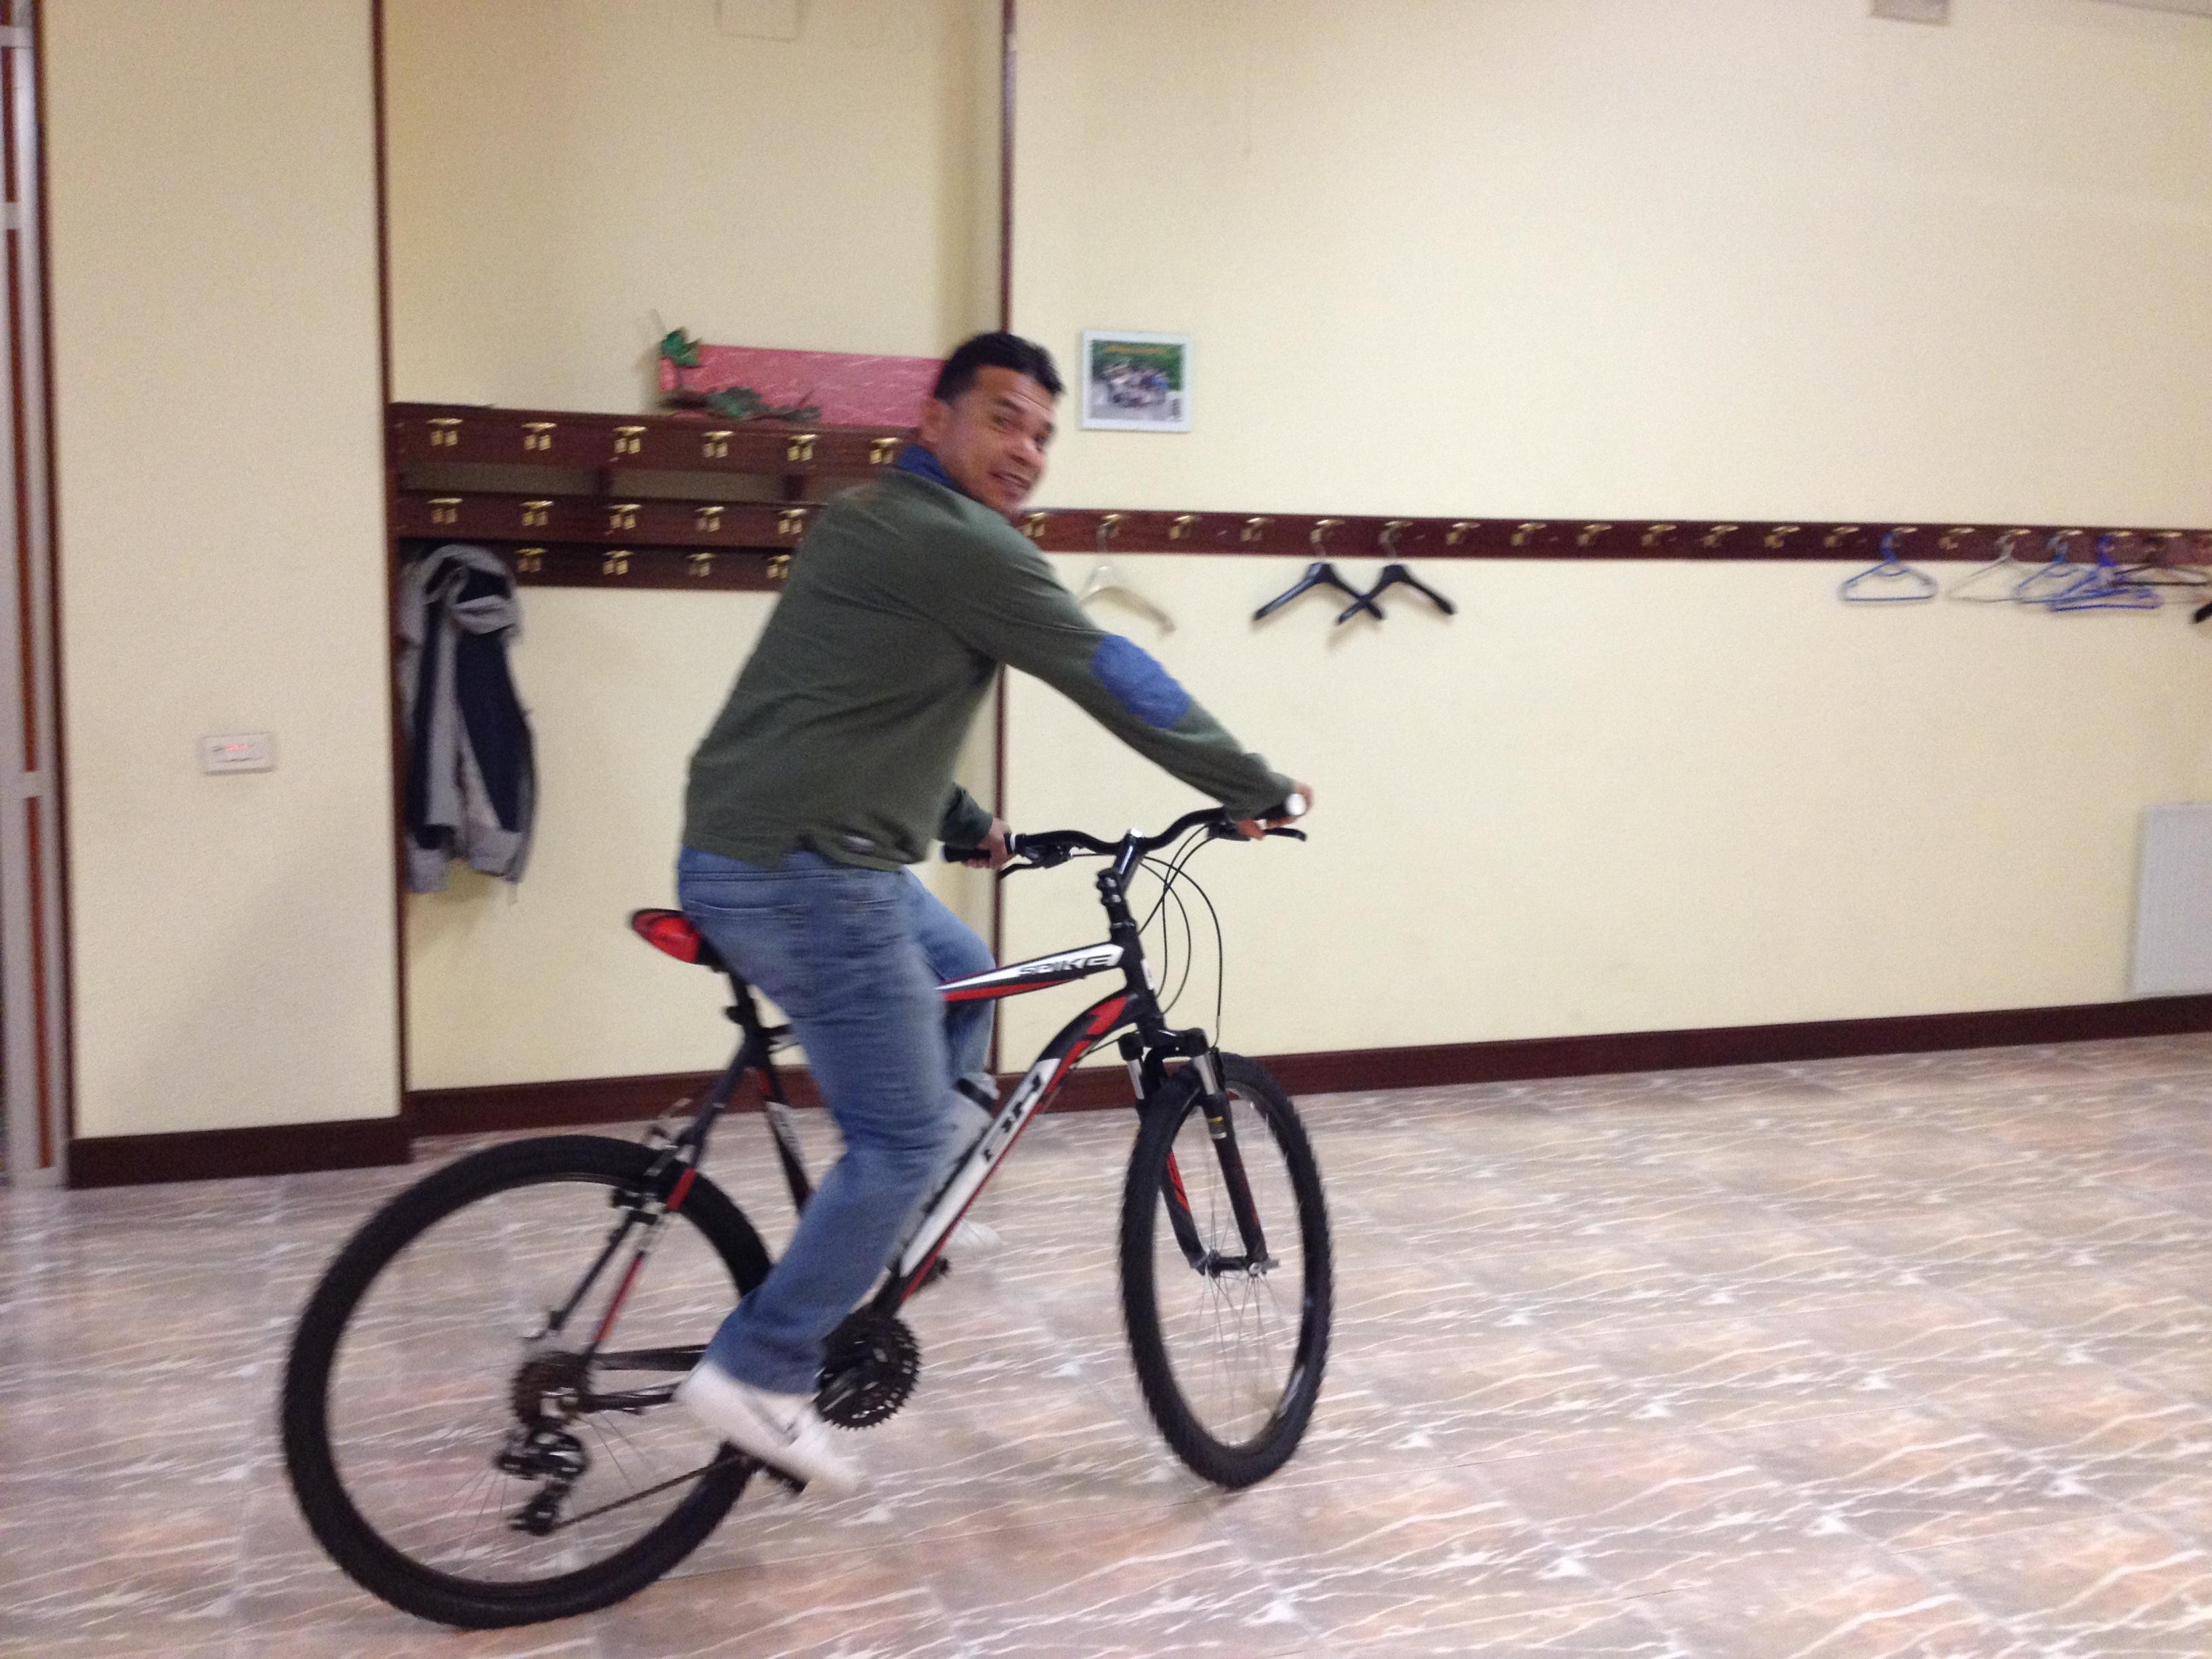 ¡Disfruta tu bici!